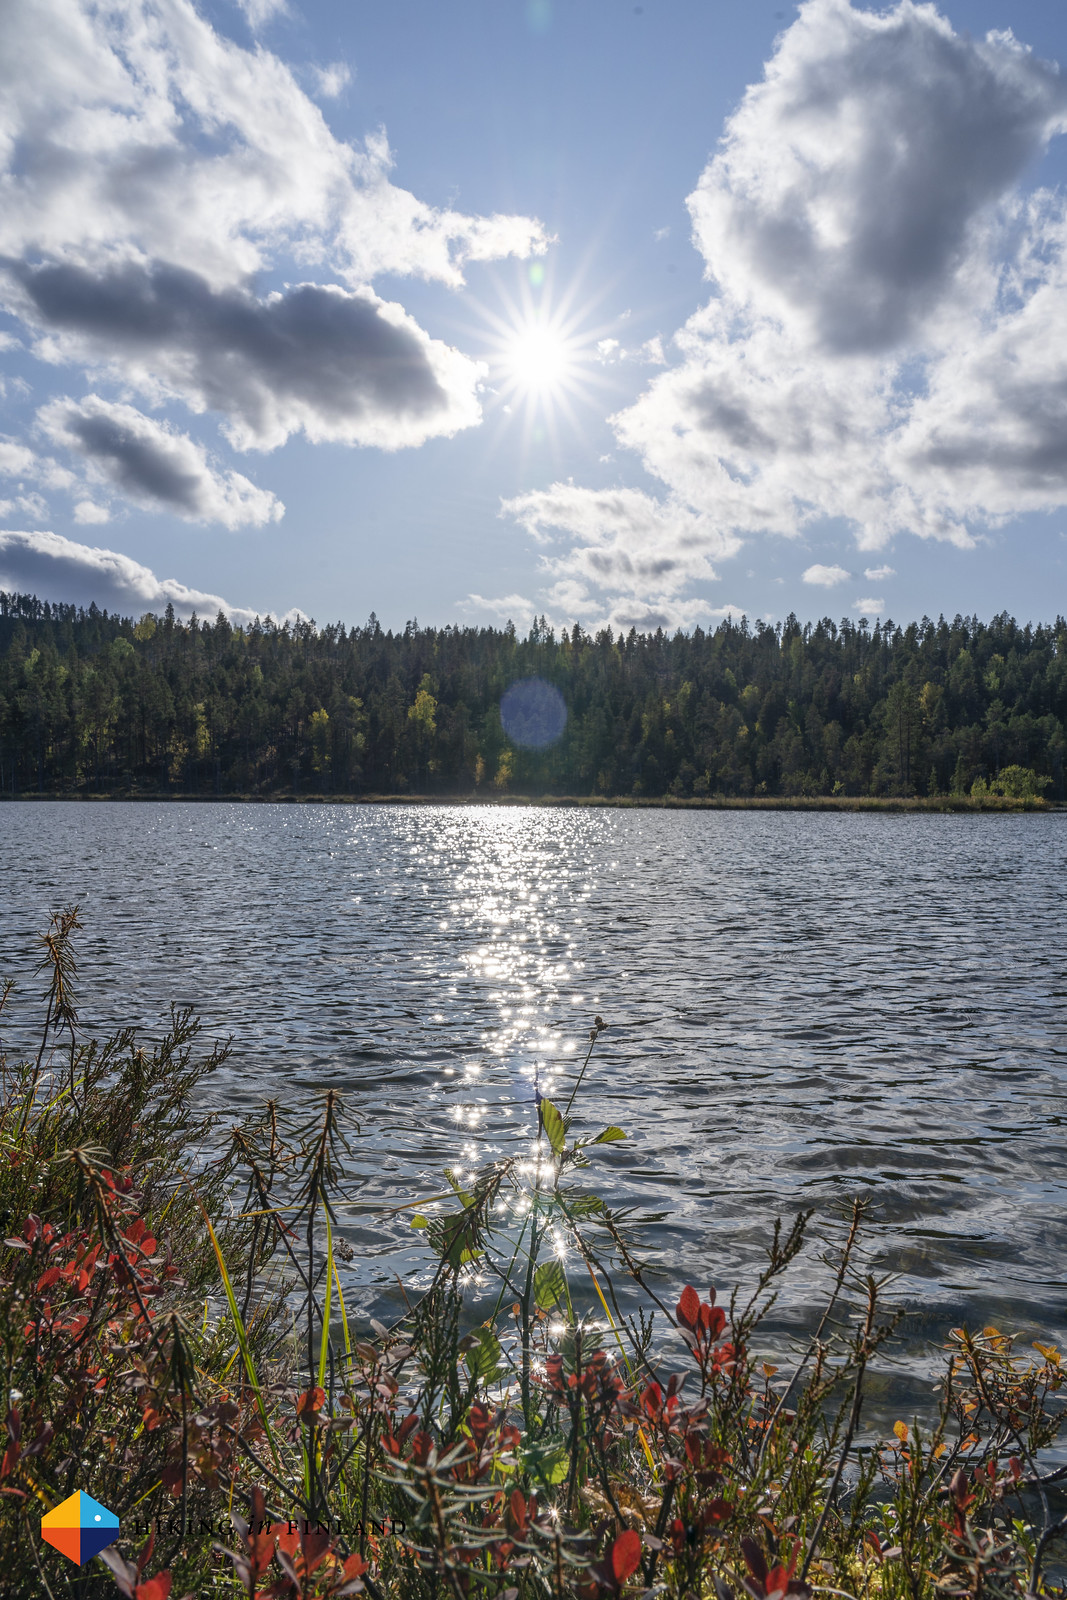 Sun. Lake.